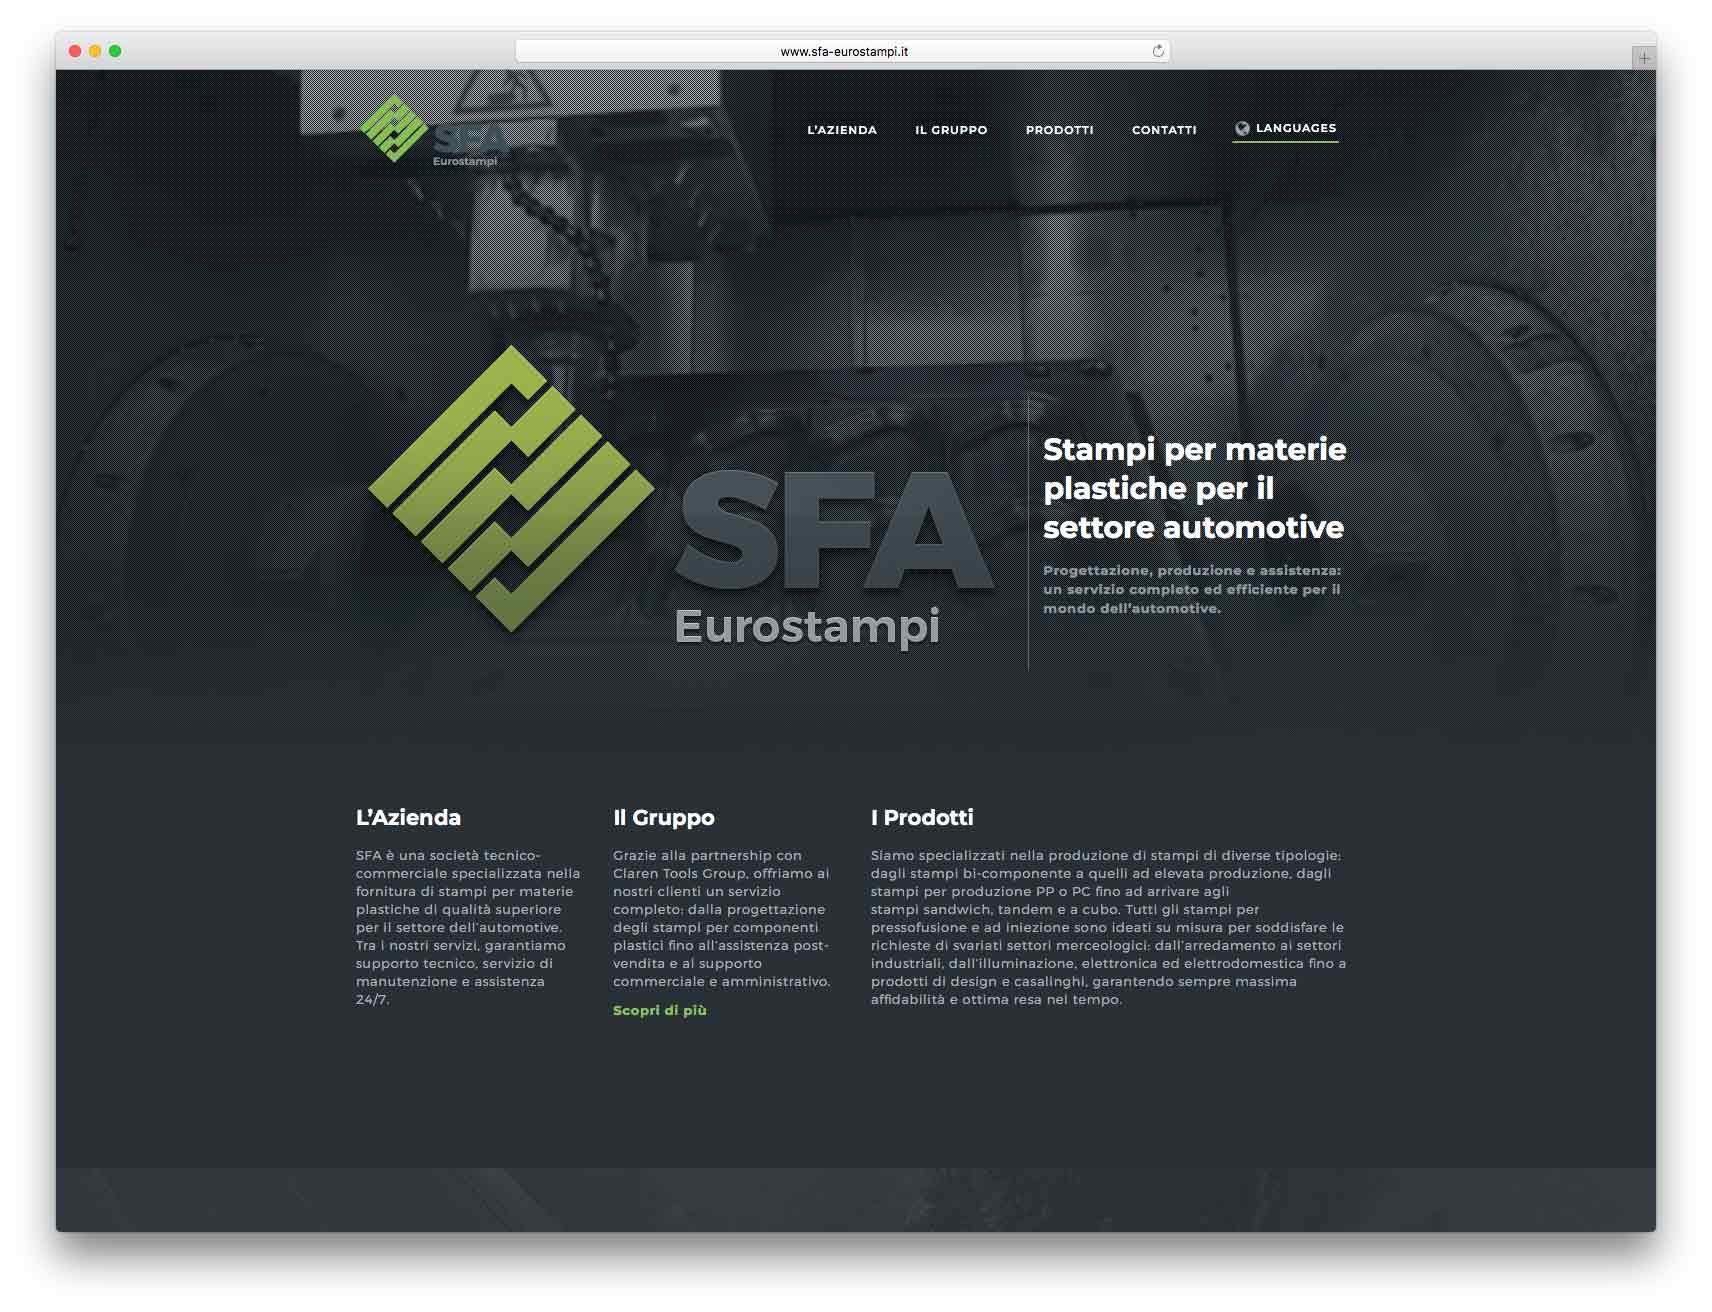 creazione siti web brescia - Agenzia P - sito web SFA Eurostampi